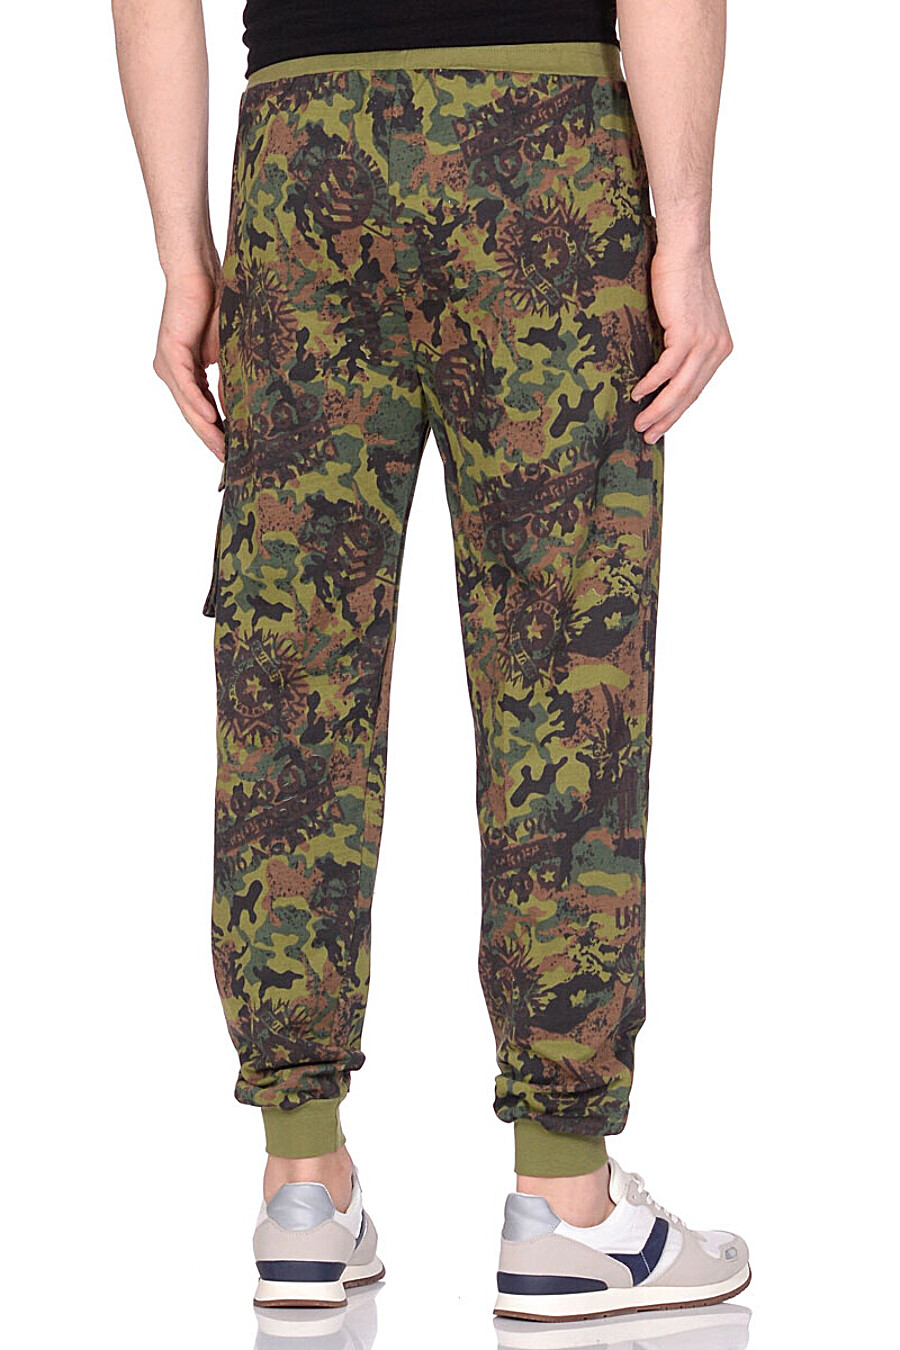 Брюки для мужчин N.O.A. 700447 купить оптом от производителя. Совместная покупка мужской одежды в OptMoyo